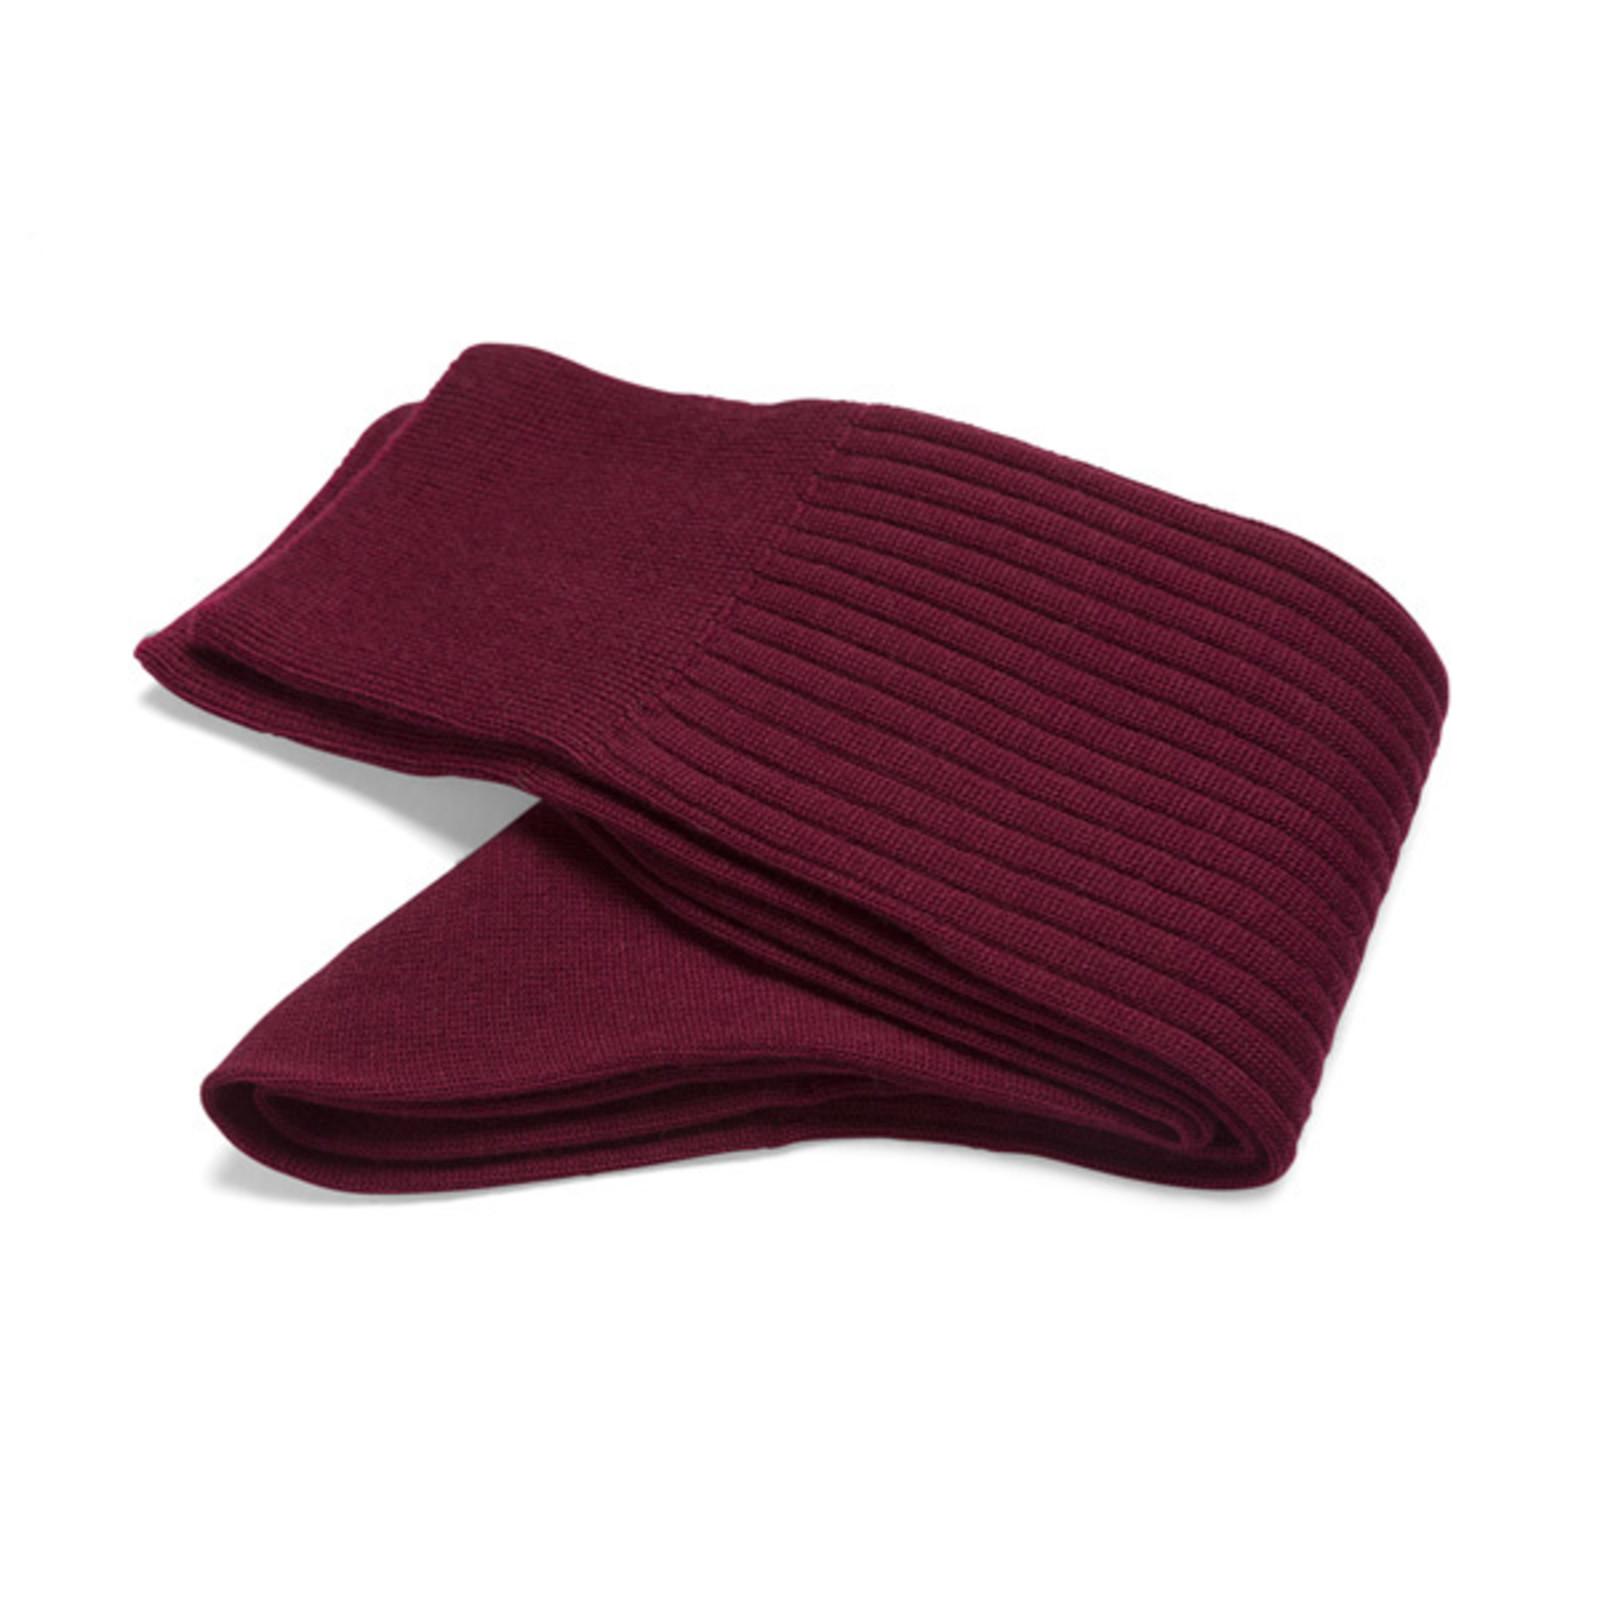 Carlo Lanza Red wool socks